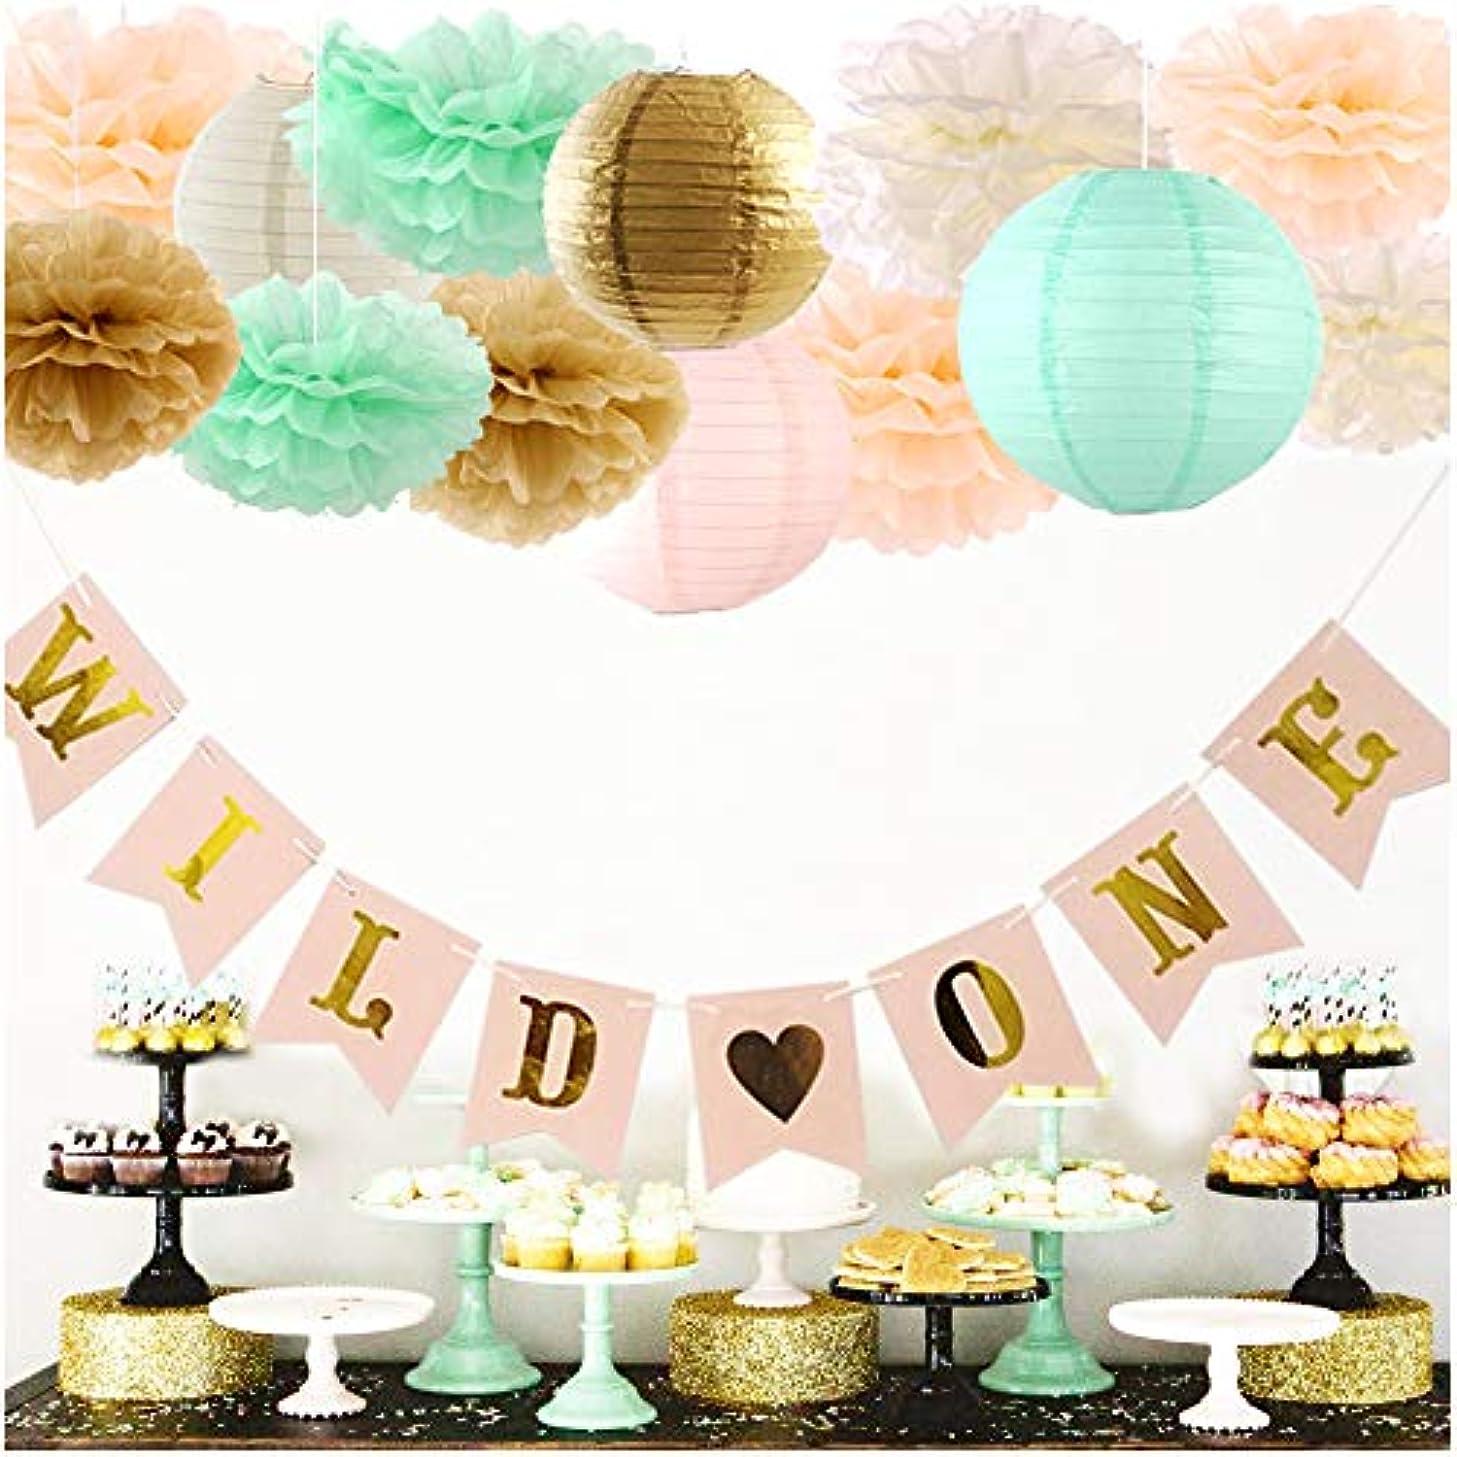 luckylibra First Birthday Decorations Wild one Banner Paper Lantern & Paper Flower Pom Poms(Mint Green, Peach, Cream, Gold)